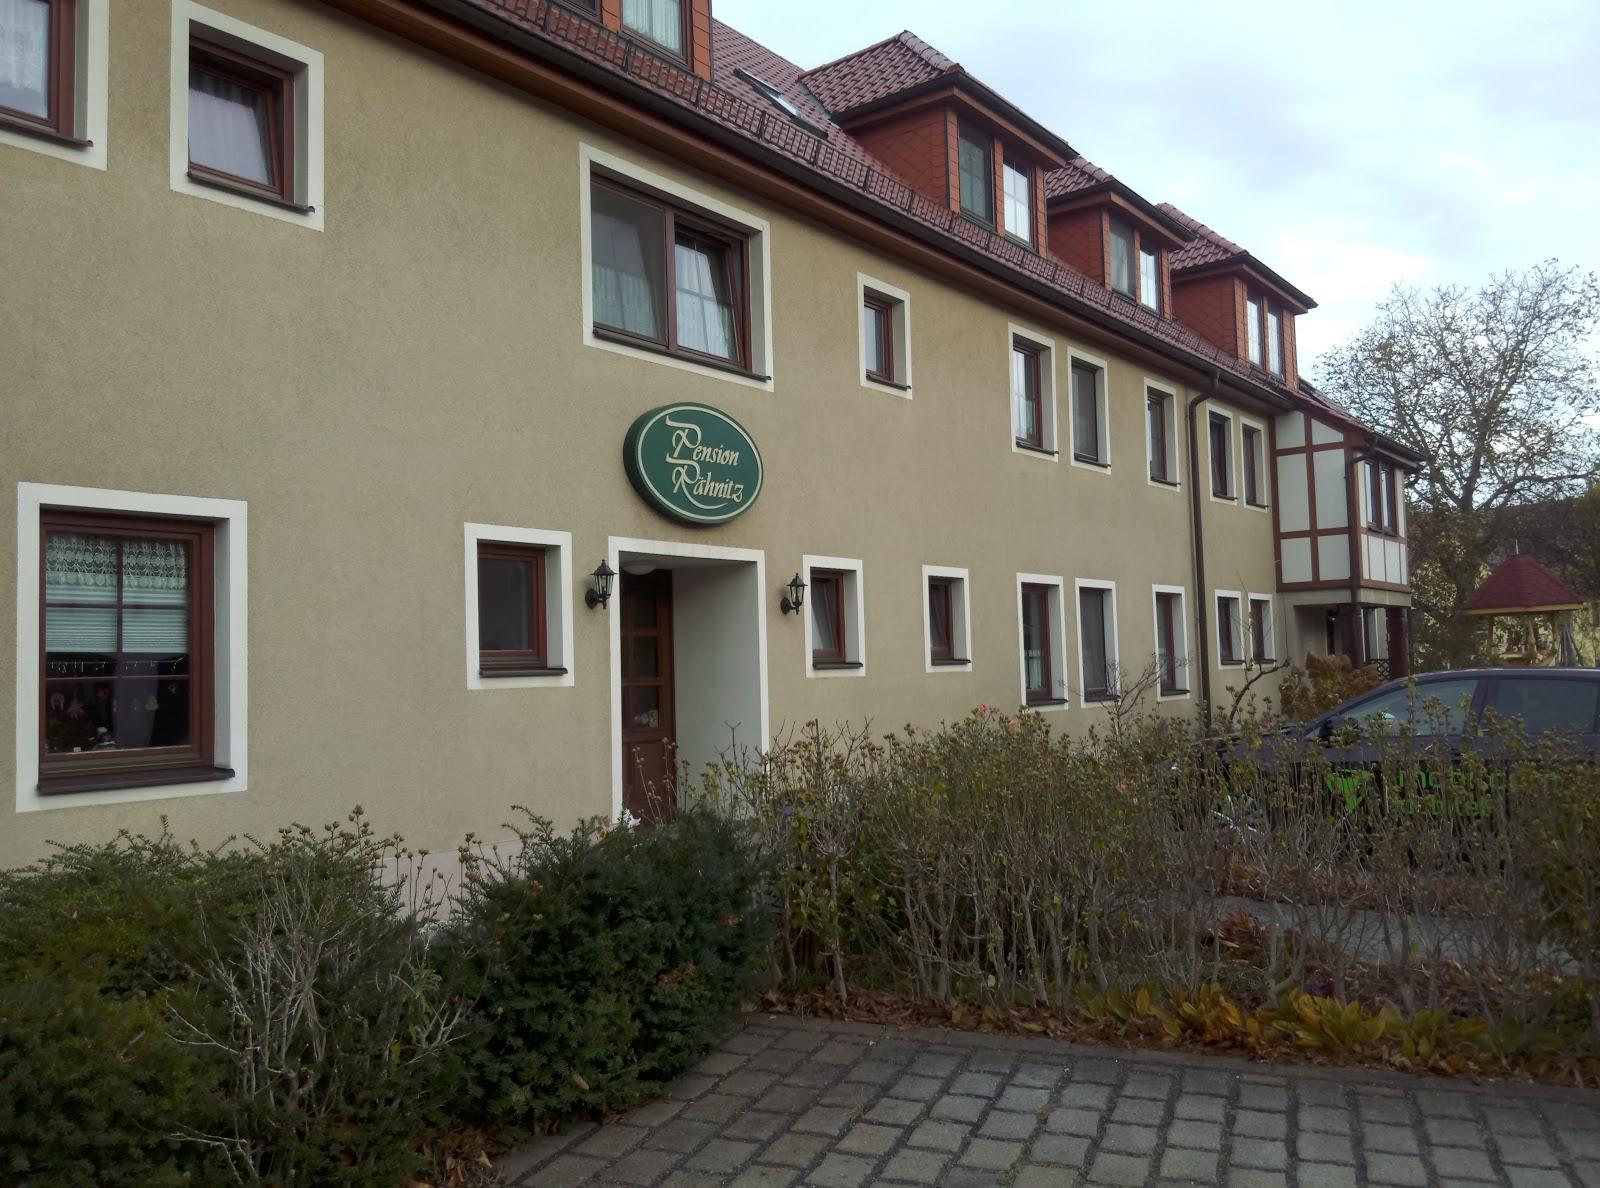 Familiensport- und FKK - Bund Waldteichfreunde Moritzburg e.V ...